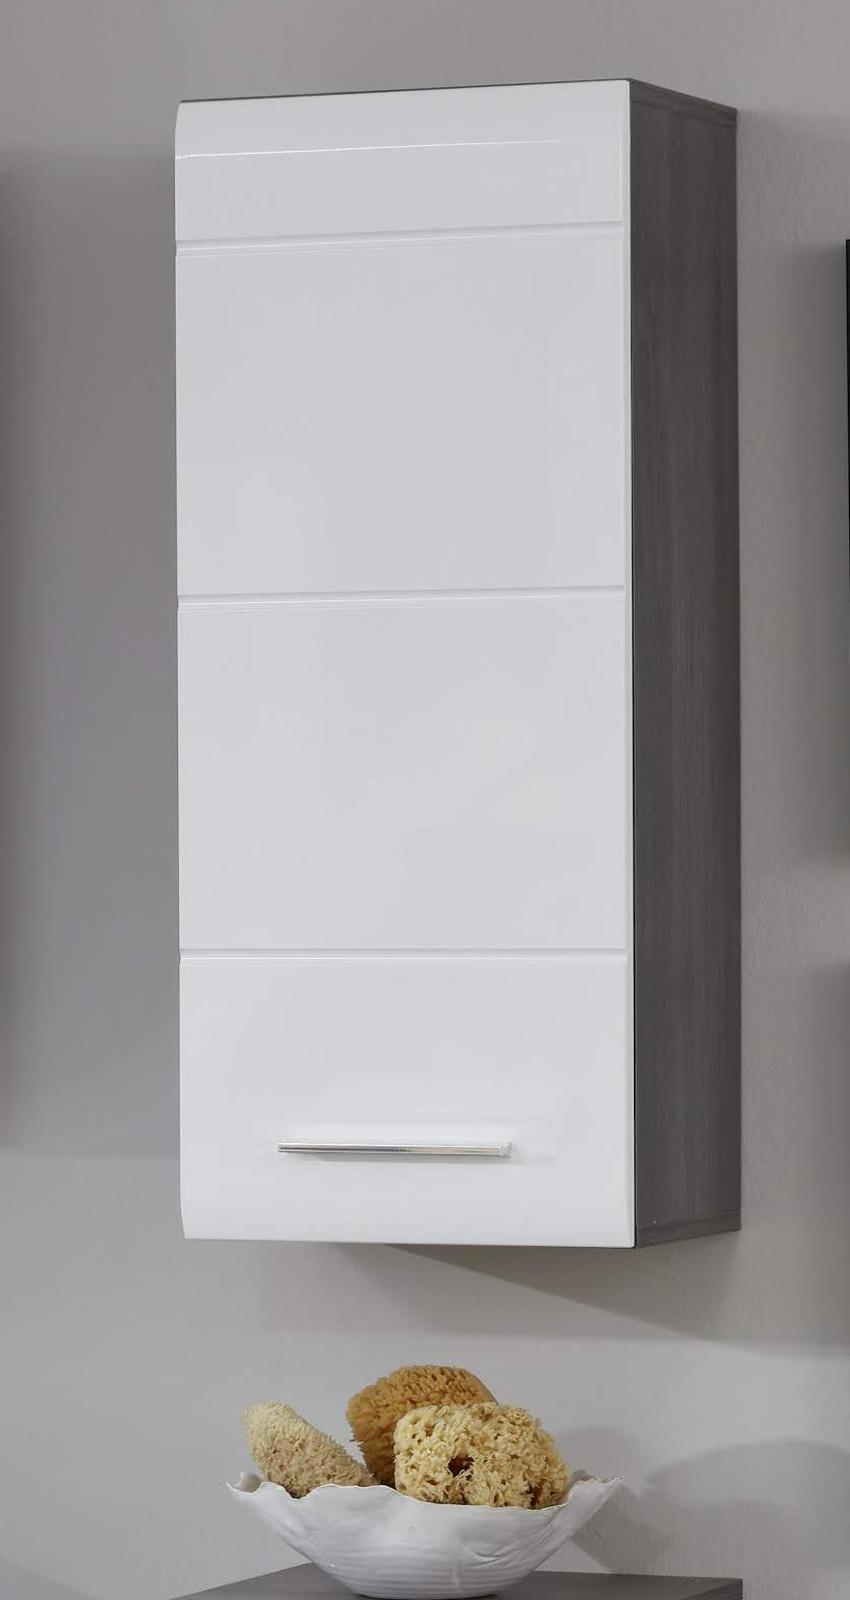 Bad Hängeschrank Hochglanz Weiß Sardegna Grau